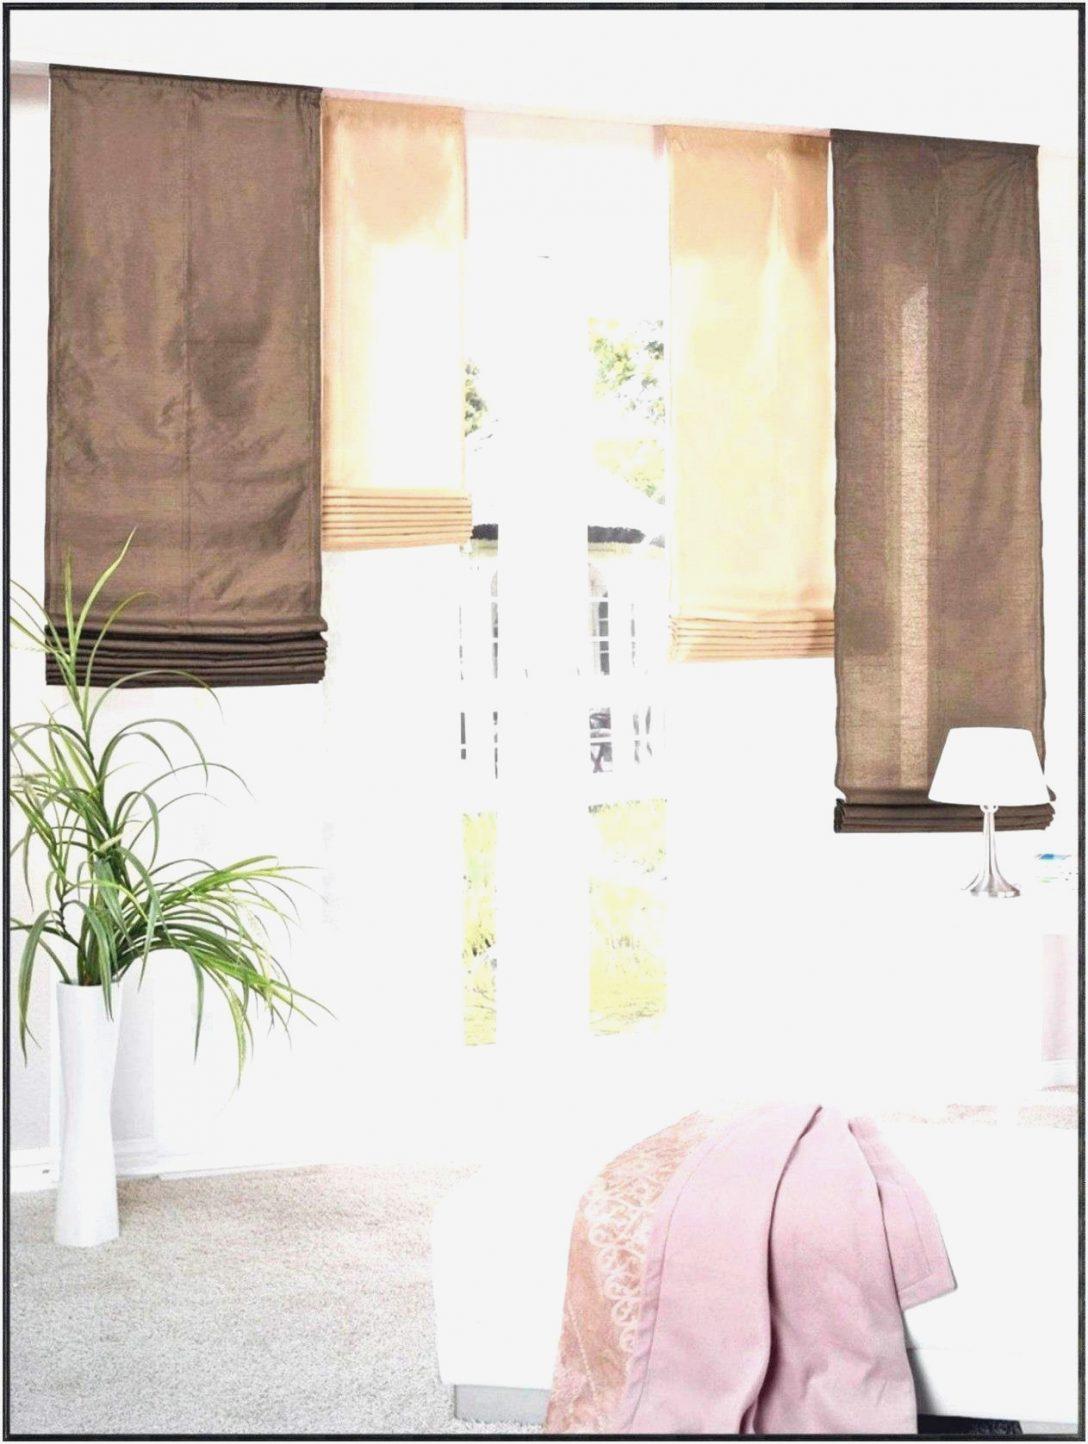 Large Size of Gardinen Wohnzimmer Kurz Modern Nett Schiebegardinen Traumhaus Poster Lampen Für Deckenlampen Moderne Bilder Fürs Landhausstil Wandtattoo Wandbild Modernes Wohnzimmer Gardinen Wohnzimmer Kurz Modern